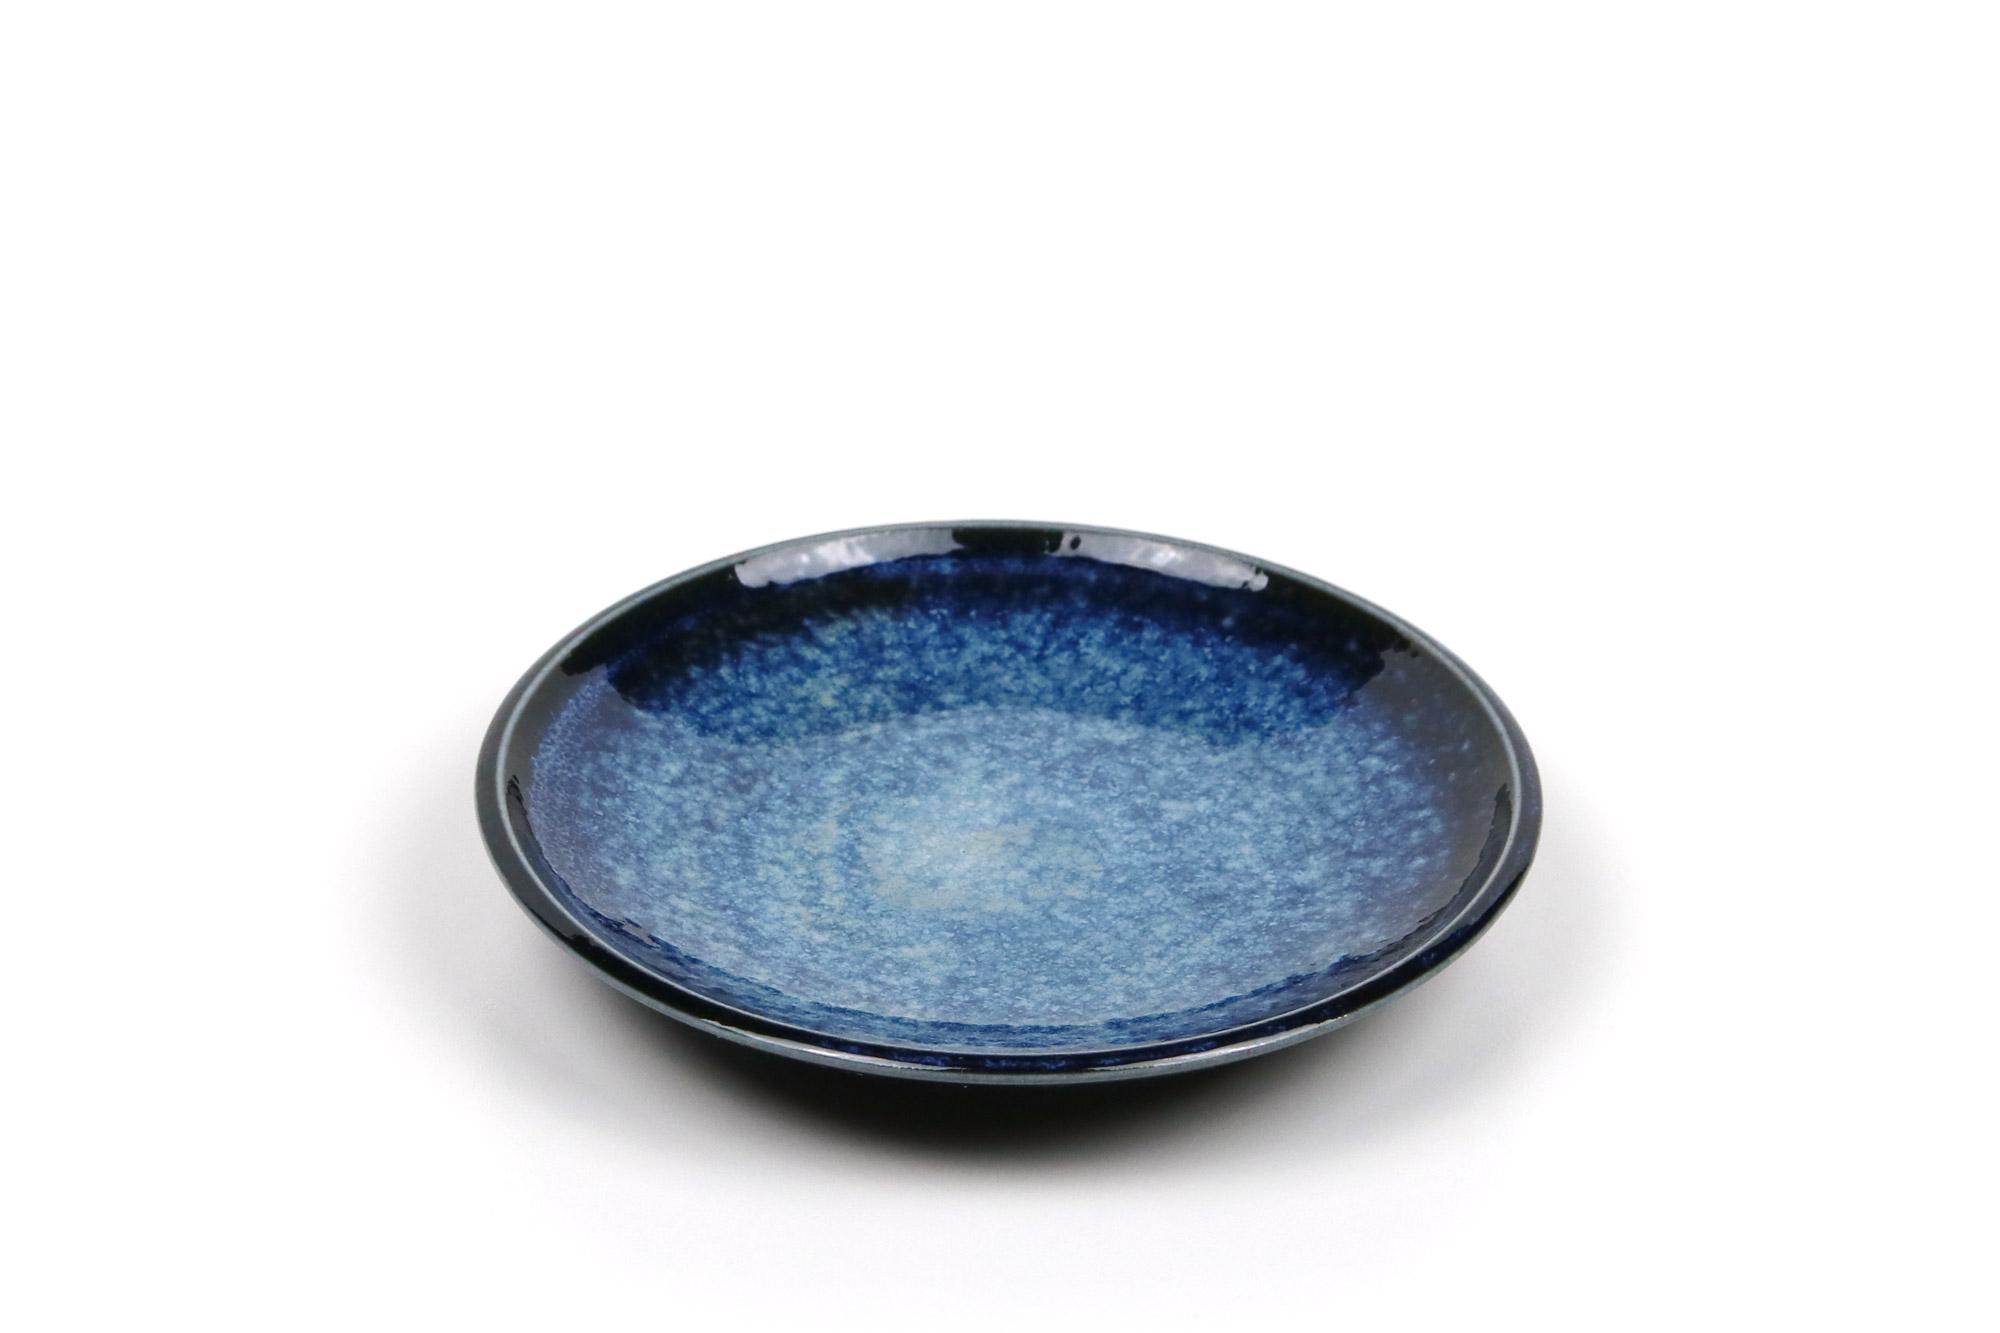 Kleiner Teller Mit Blauer Glasur